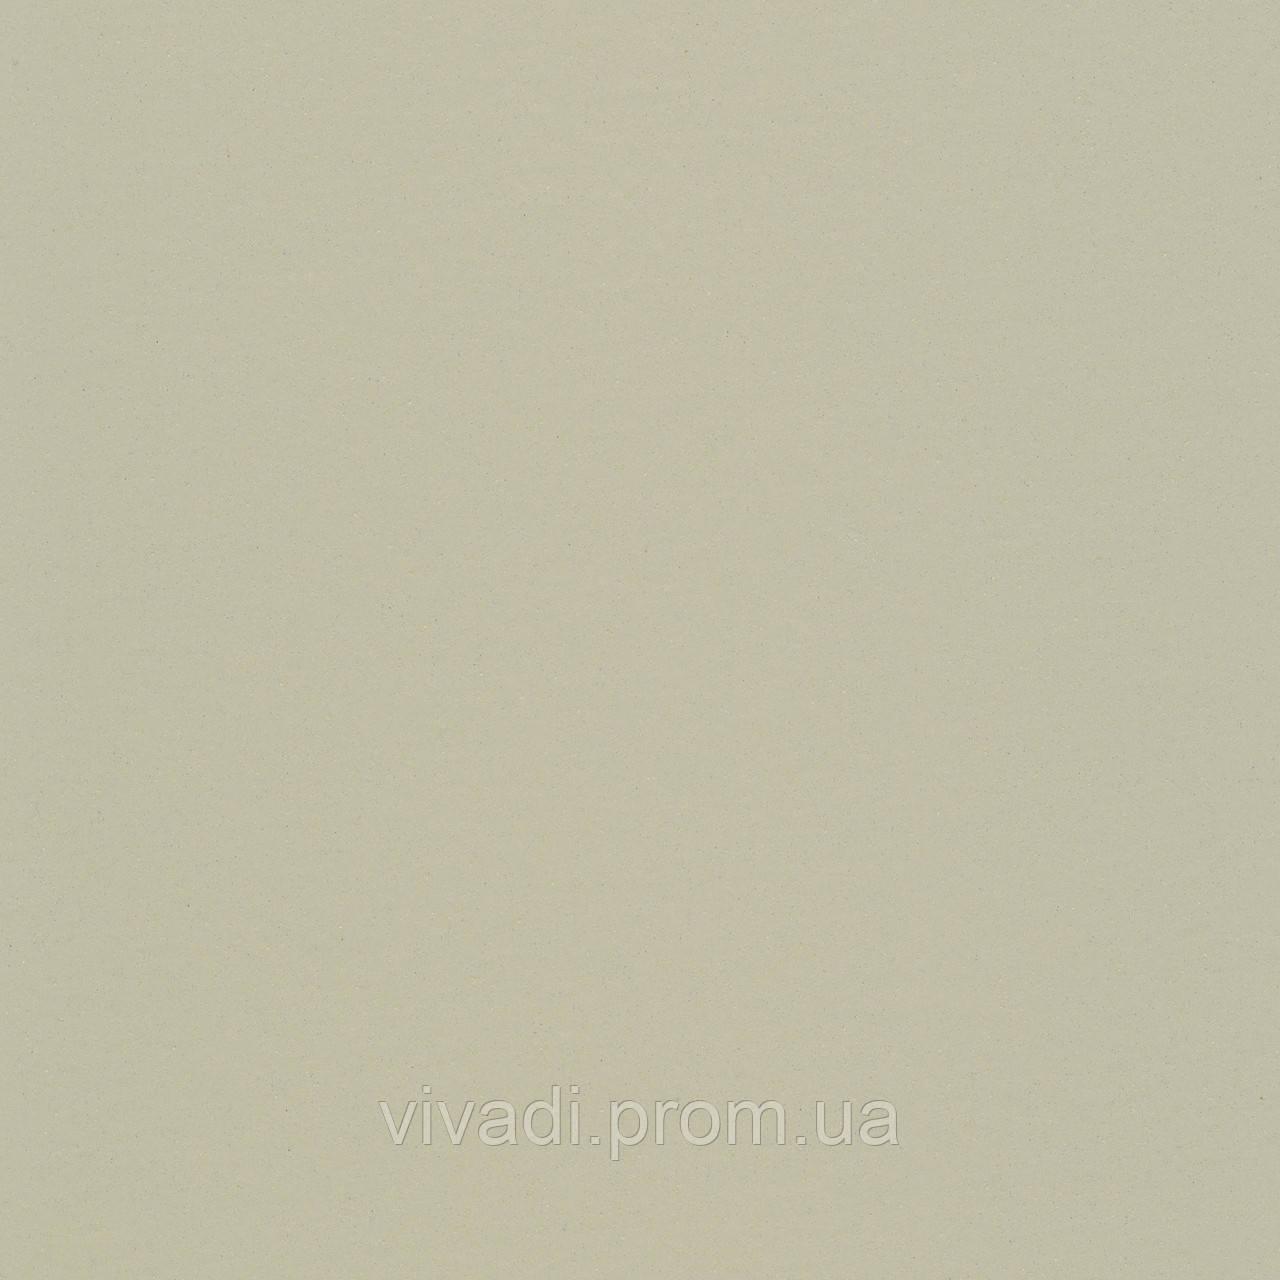 Натуральний лінолеум Uni Walton LPX - колір 101-085